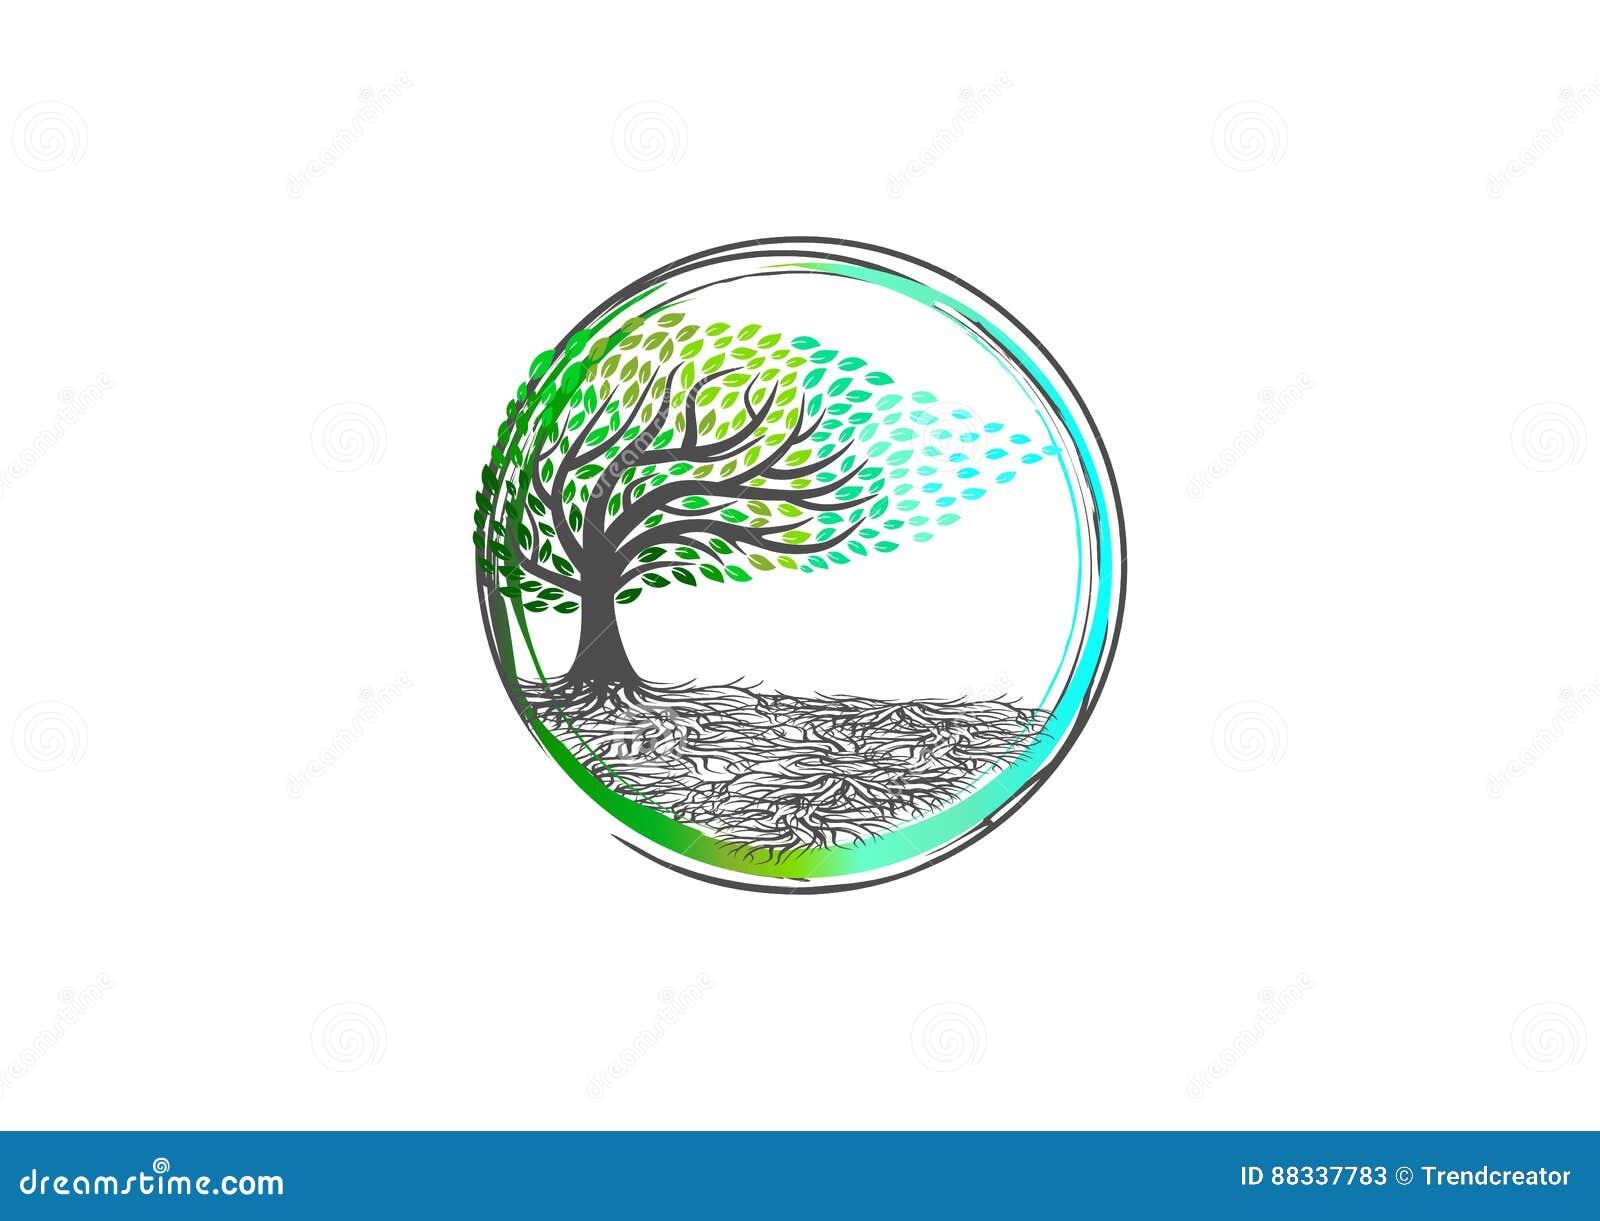 Το λογότυπο δέντρων, γιόγκα φύσης, εγκαταστάσεις χαλαρώνει το σύμβολο, το εικονίδιο SPA, το οργανικό σημάδι μασάζ, το wellness αί